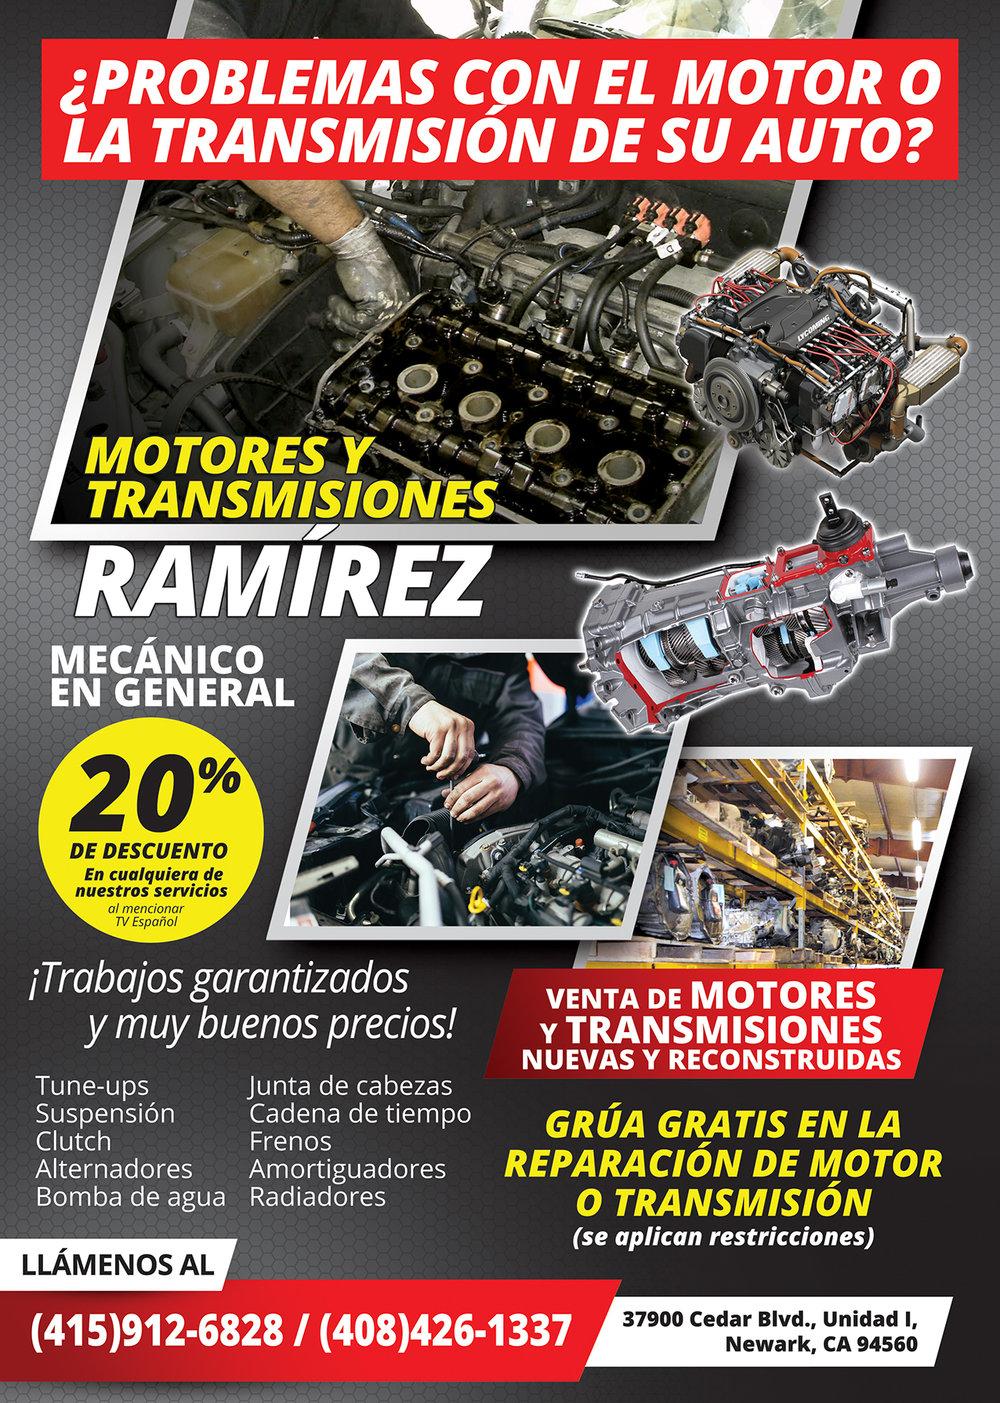 Motores y Transmisiones Ramires 1 Pag Agosto 2018 copy.jpg